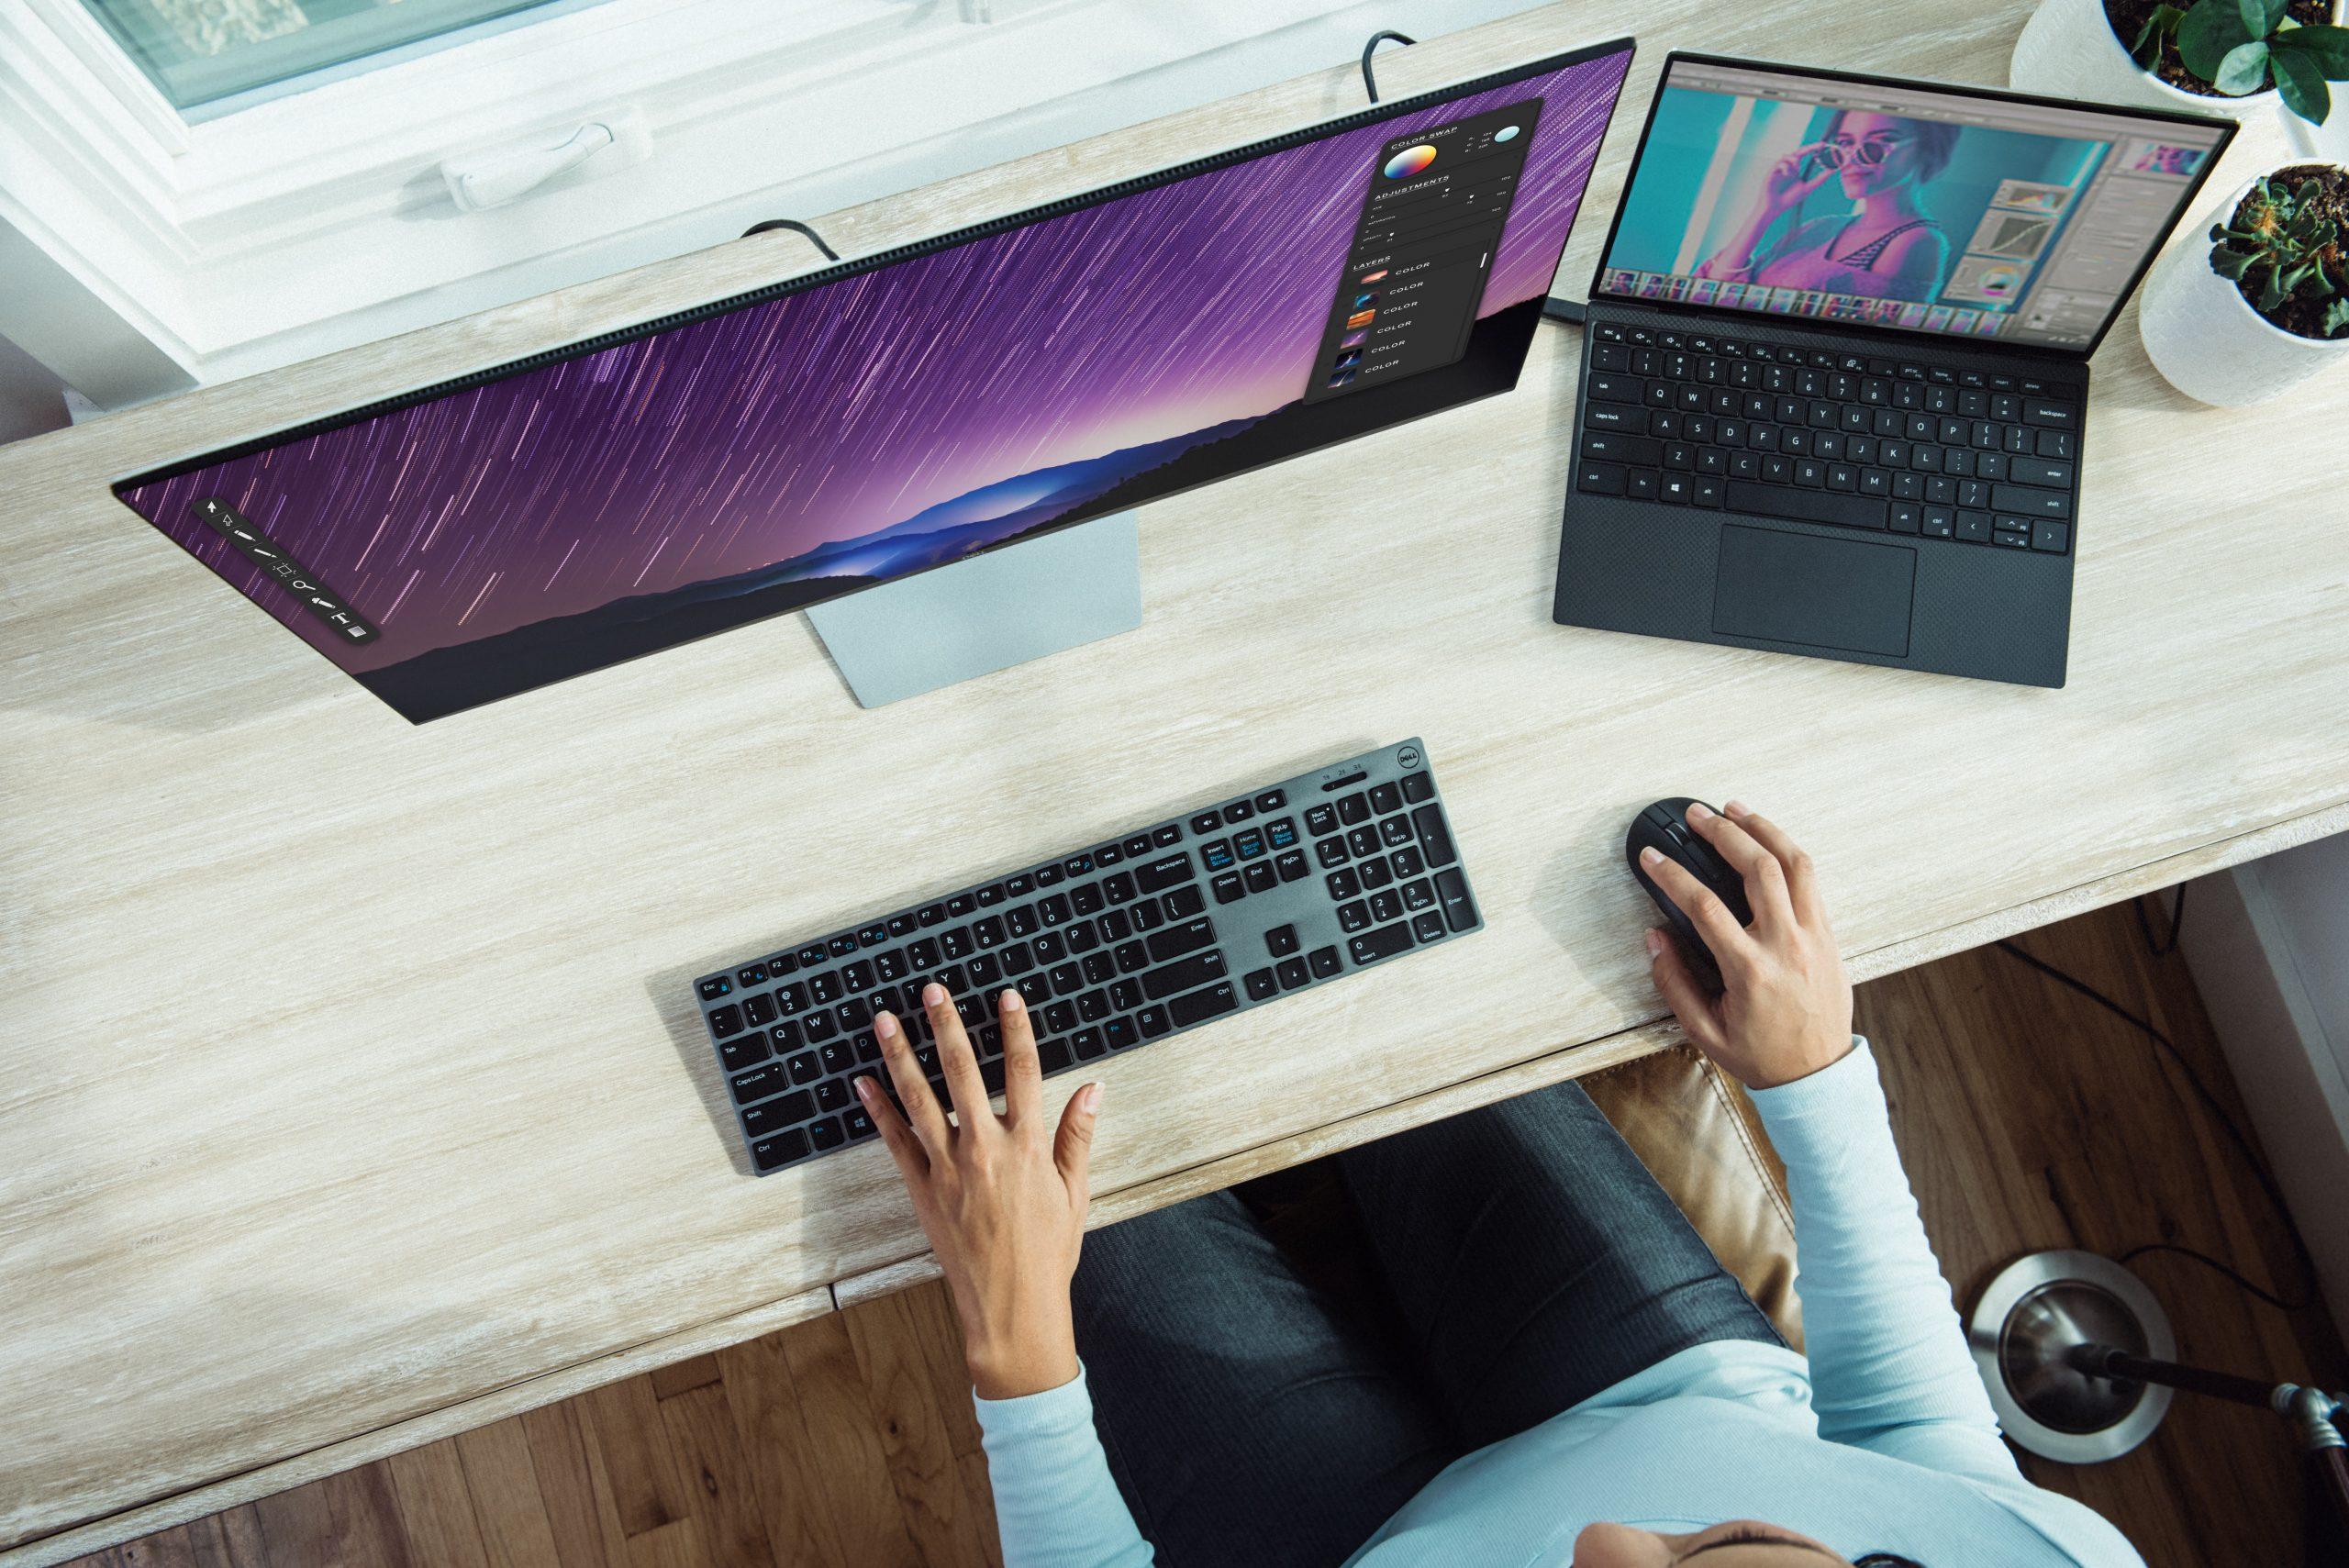 Imagem de uma mulher utilizando um computador e um notebook.